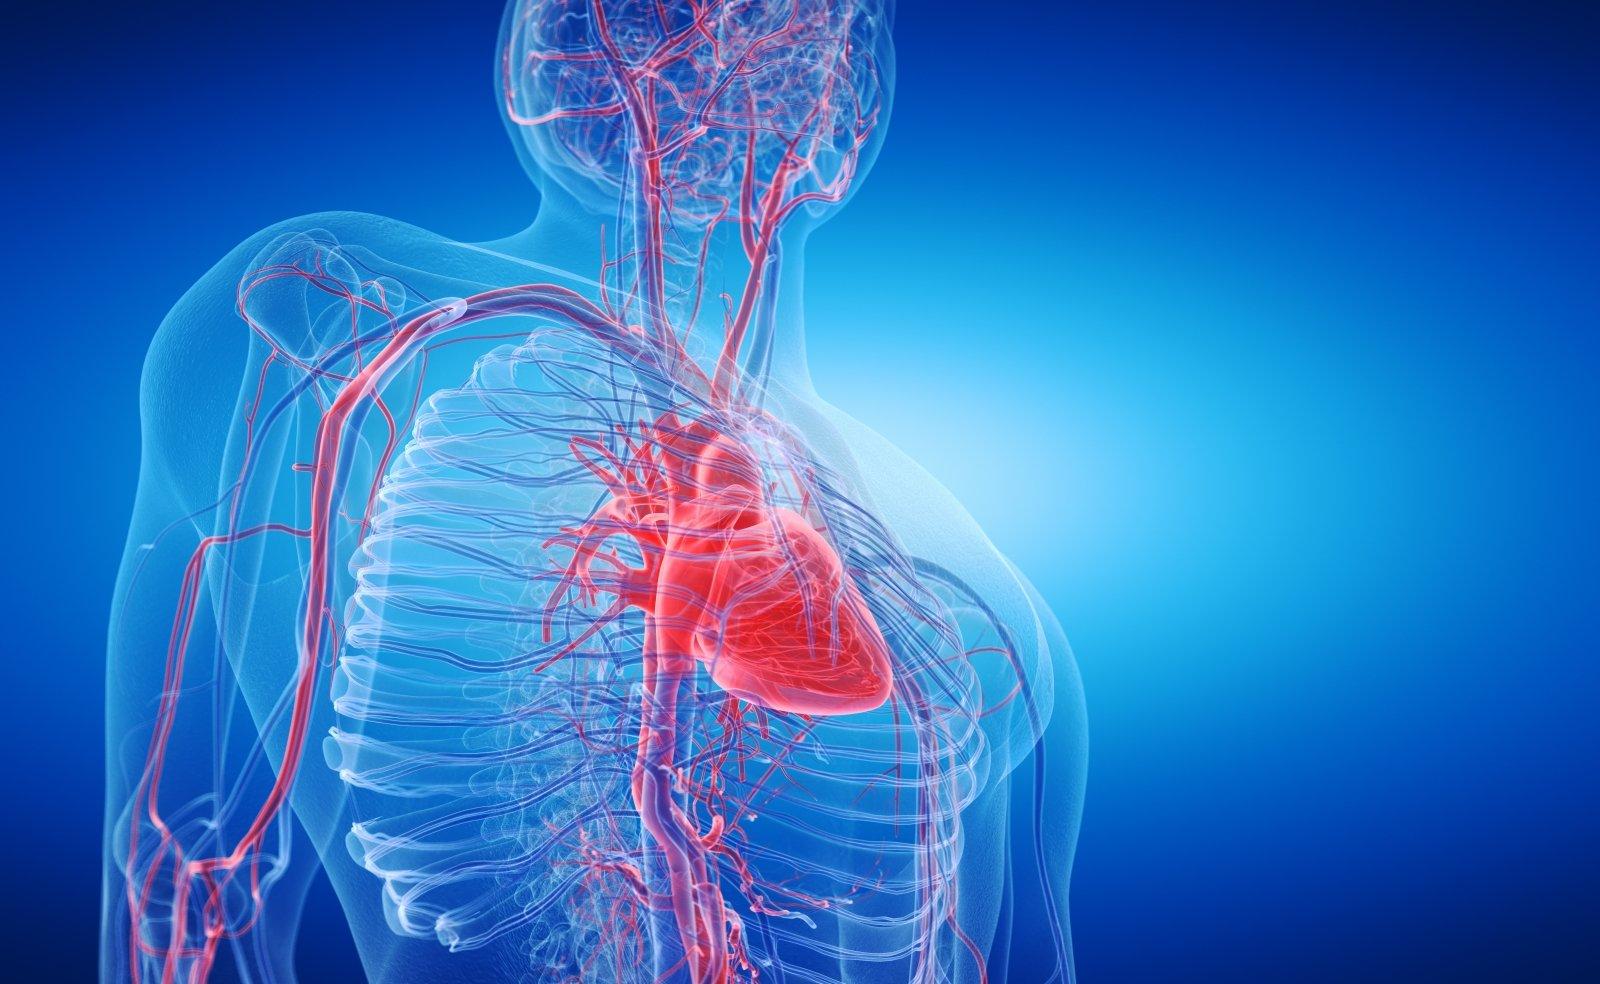 liaudies vaistų nuo hipertenzijos veiksmingų tinktūrų hipertenzijos slaugytojos vaidmuo